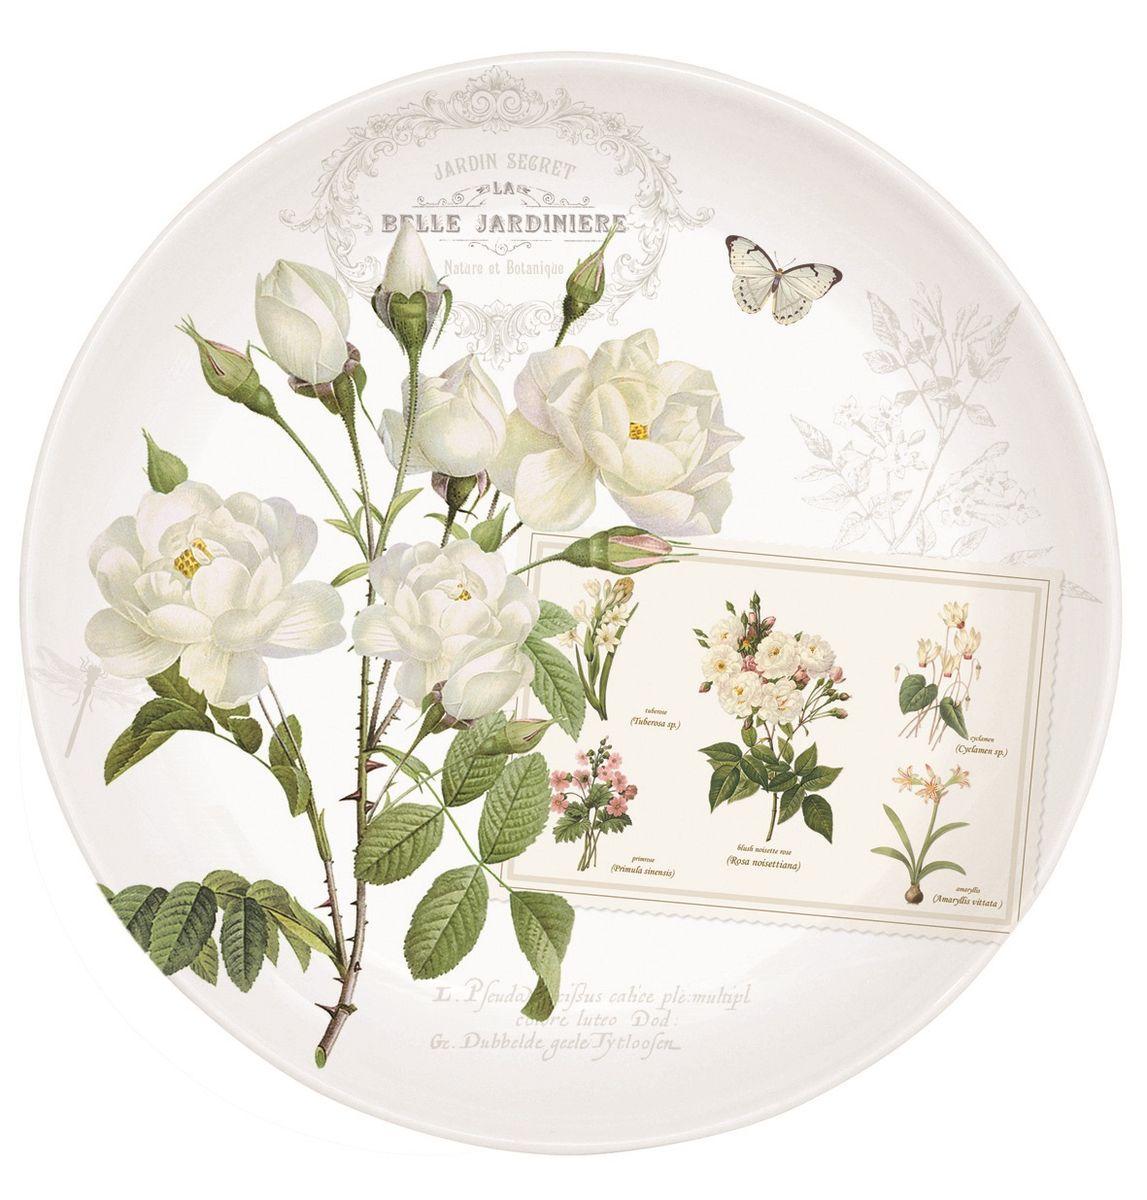 Тарелка десертная Nuova R2S Летние цветы, диаметр 19 см324NATUТарелка десертная Nuova R2S Летние цветы, выполненная из высококачественного фарфора, декорирована ярким изображением цветов. Изящный дизайн придется по вкусу и ценителям классики, и тем, кто предпочитает утонченность. Тарелка десертная Nuova R2S Летние цветы идеально подойдет для сервировки стола и станет отличным подарком к любому празднику.Диаметр тарелки (по верхнему краю): 19 см.